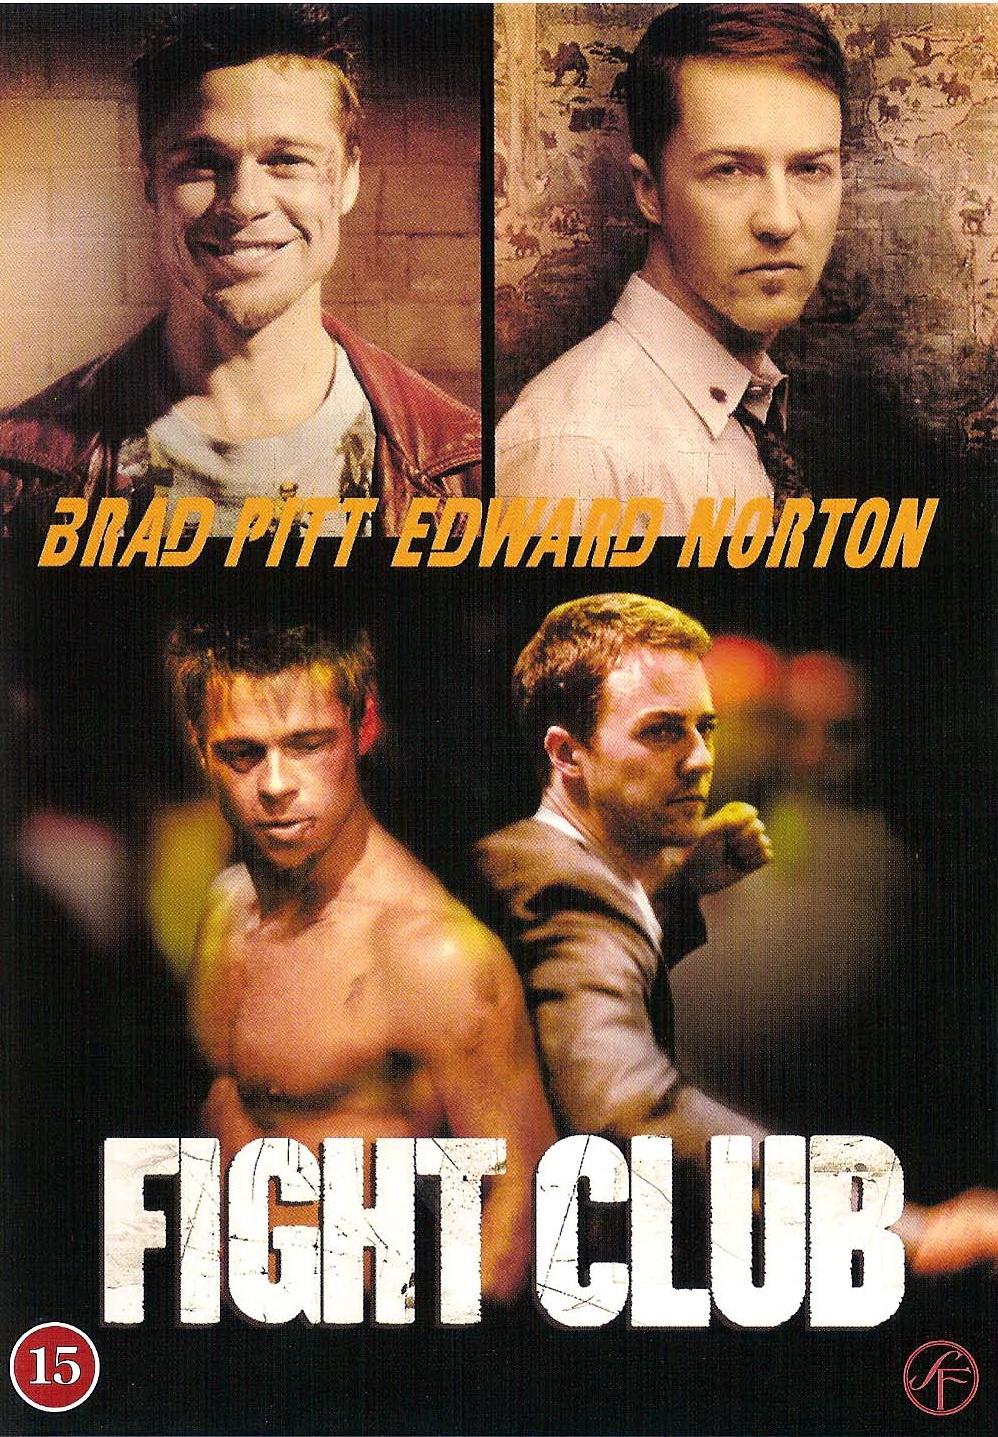 Смотреть онлайн бойцовский клуб 8 фотография